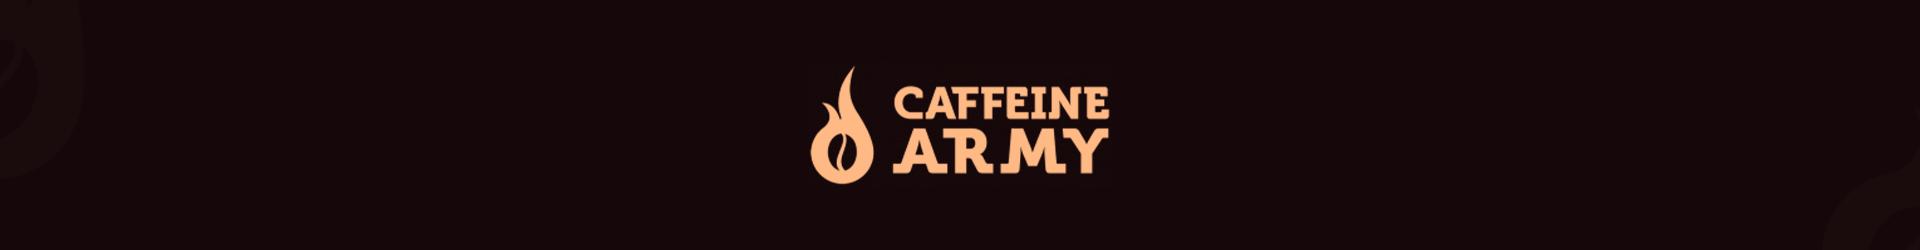 MARCA - Caffeine Army